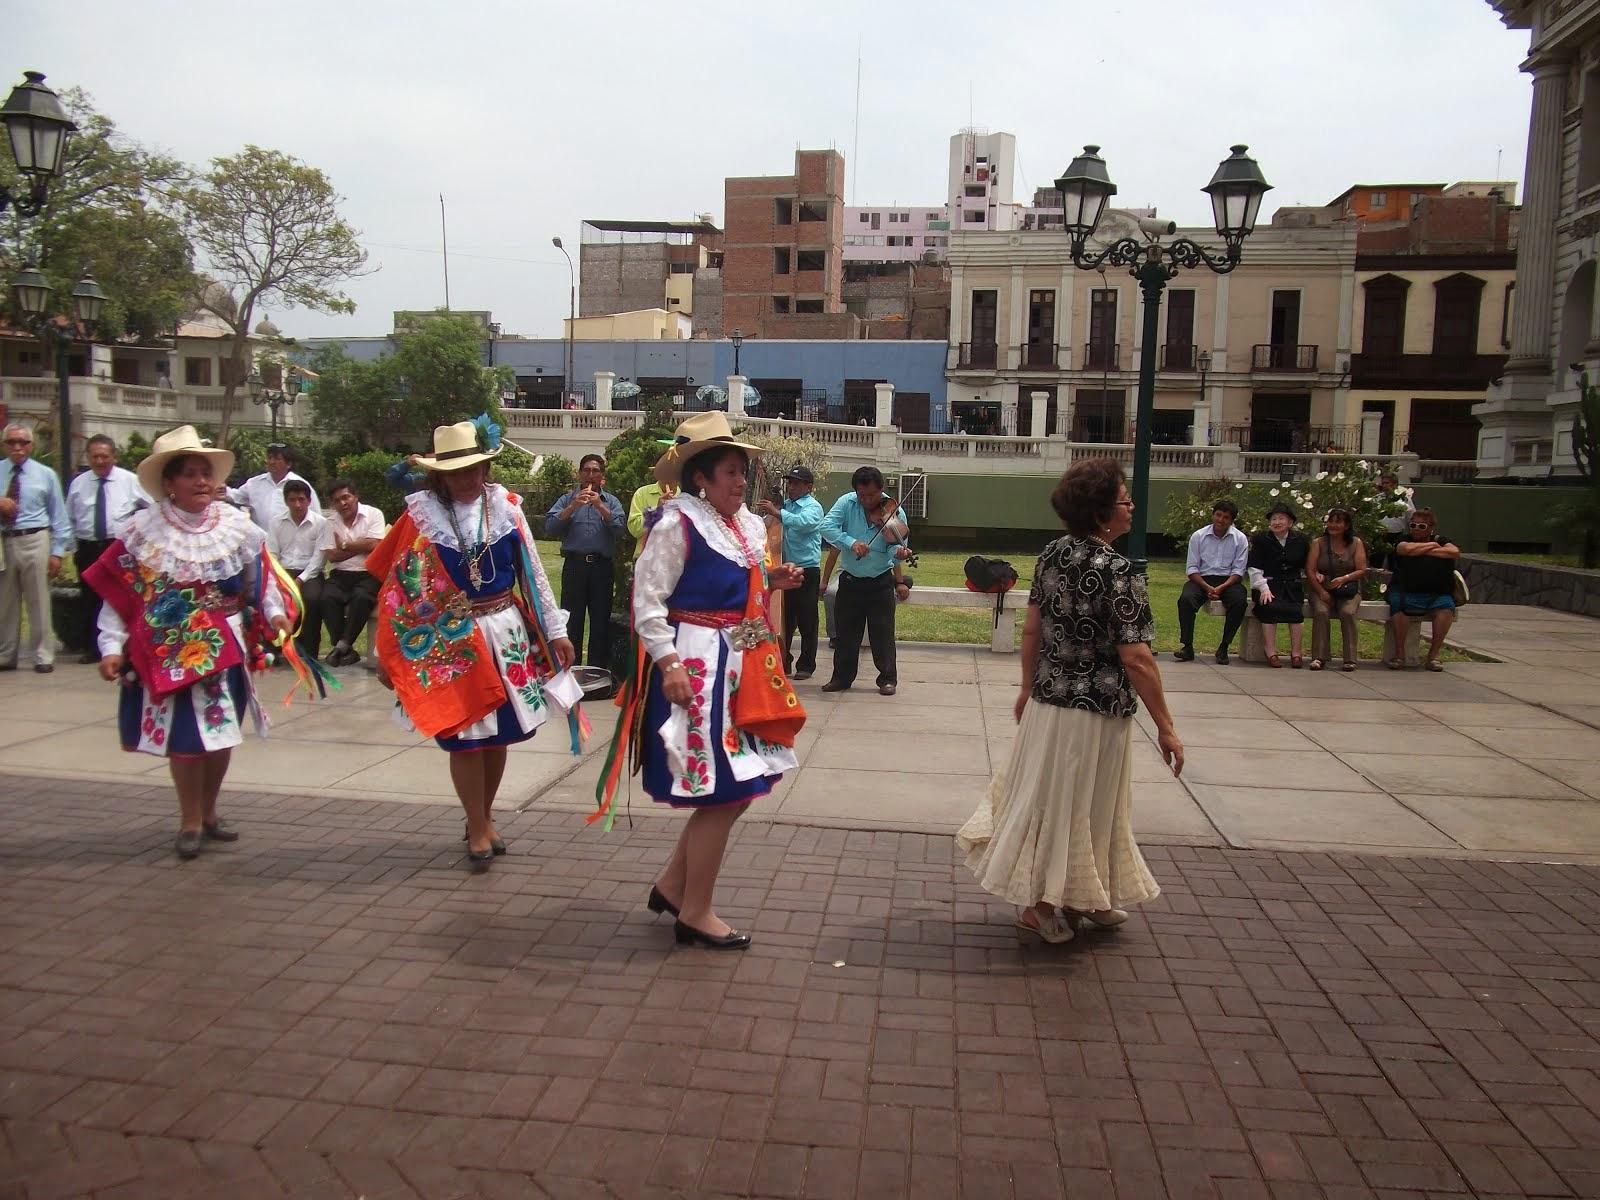 PASTORAS DE HUAÑEC EN EL CONGRESO DE LA REPÚBLICA